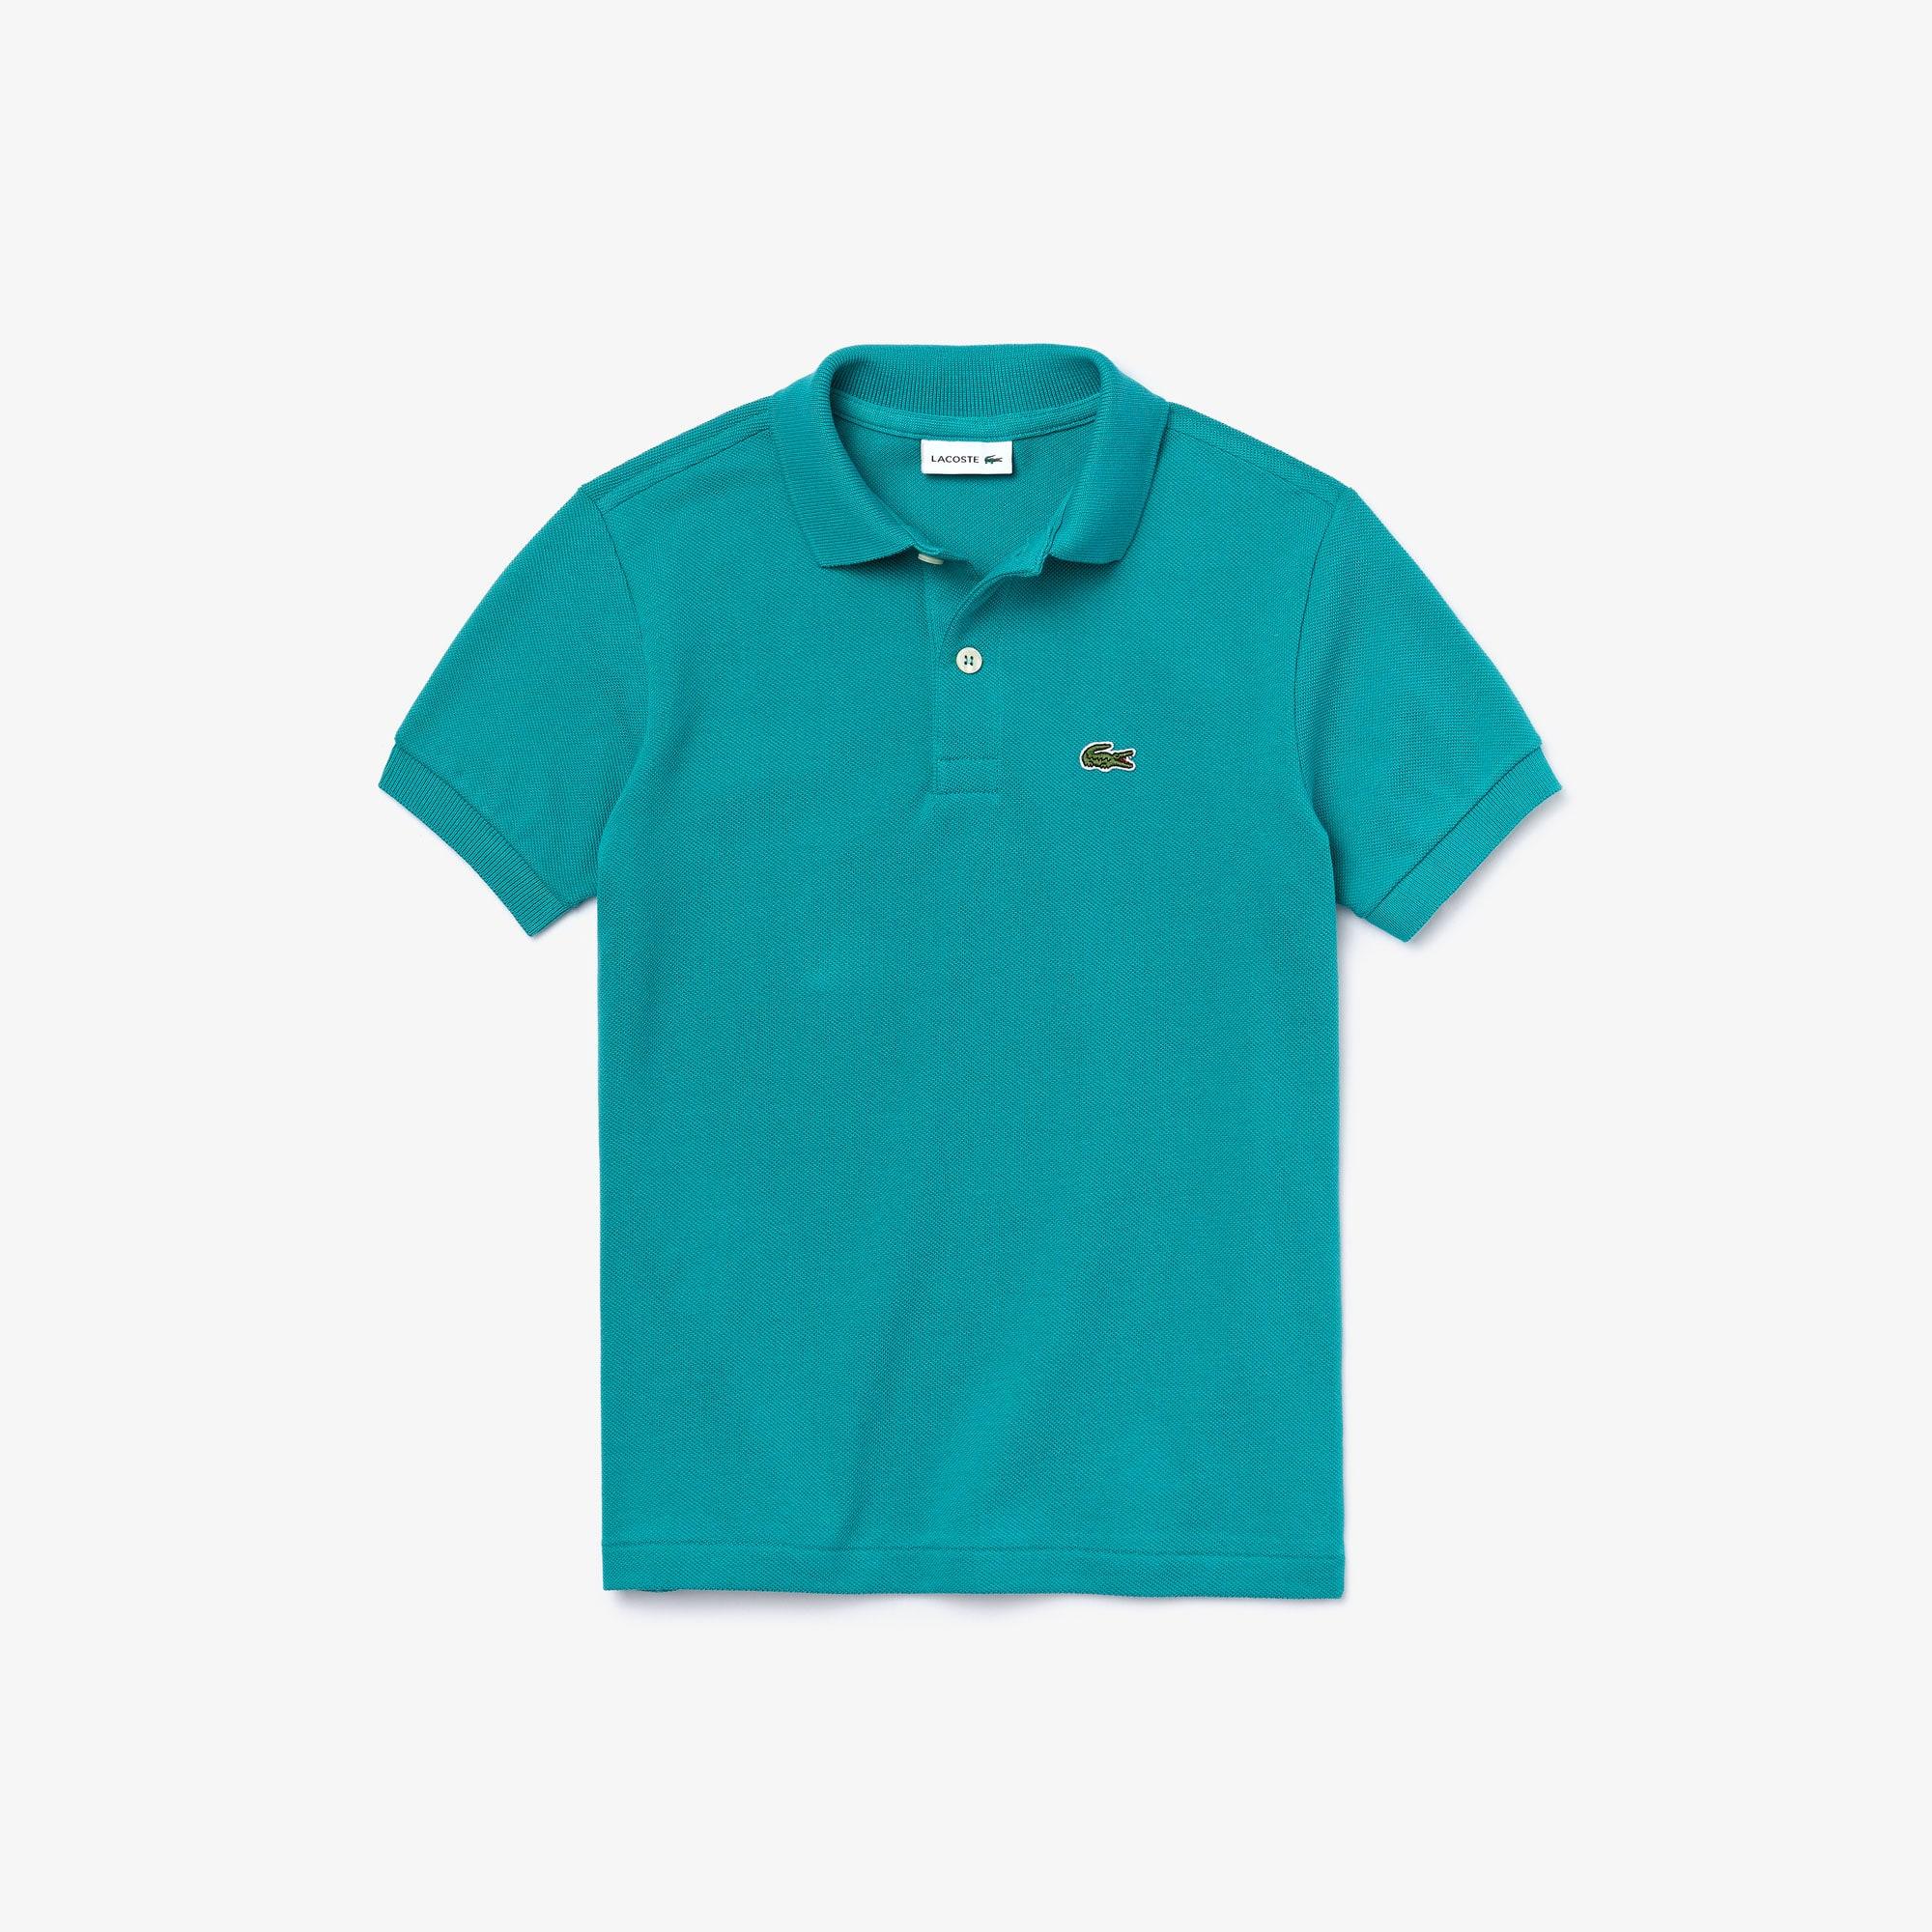 라코스테 보이즈 클래식 피케 폴로셔츠 - 그린(S5J) Lacoste Boys' Classic Pique Polo